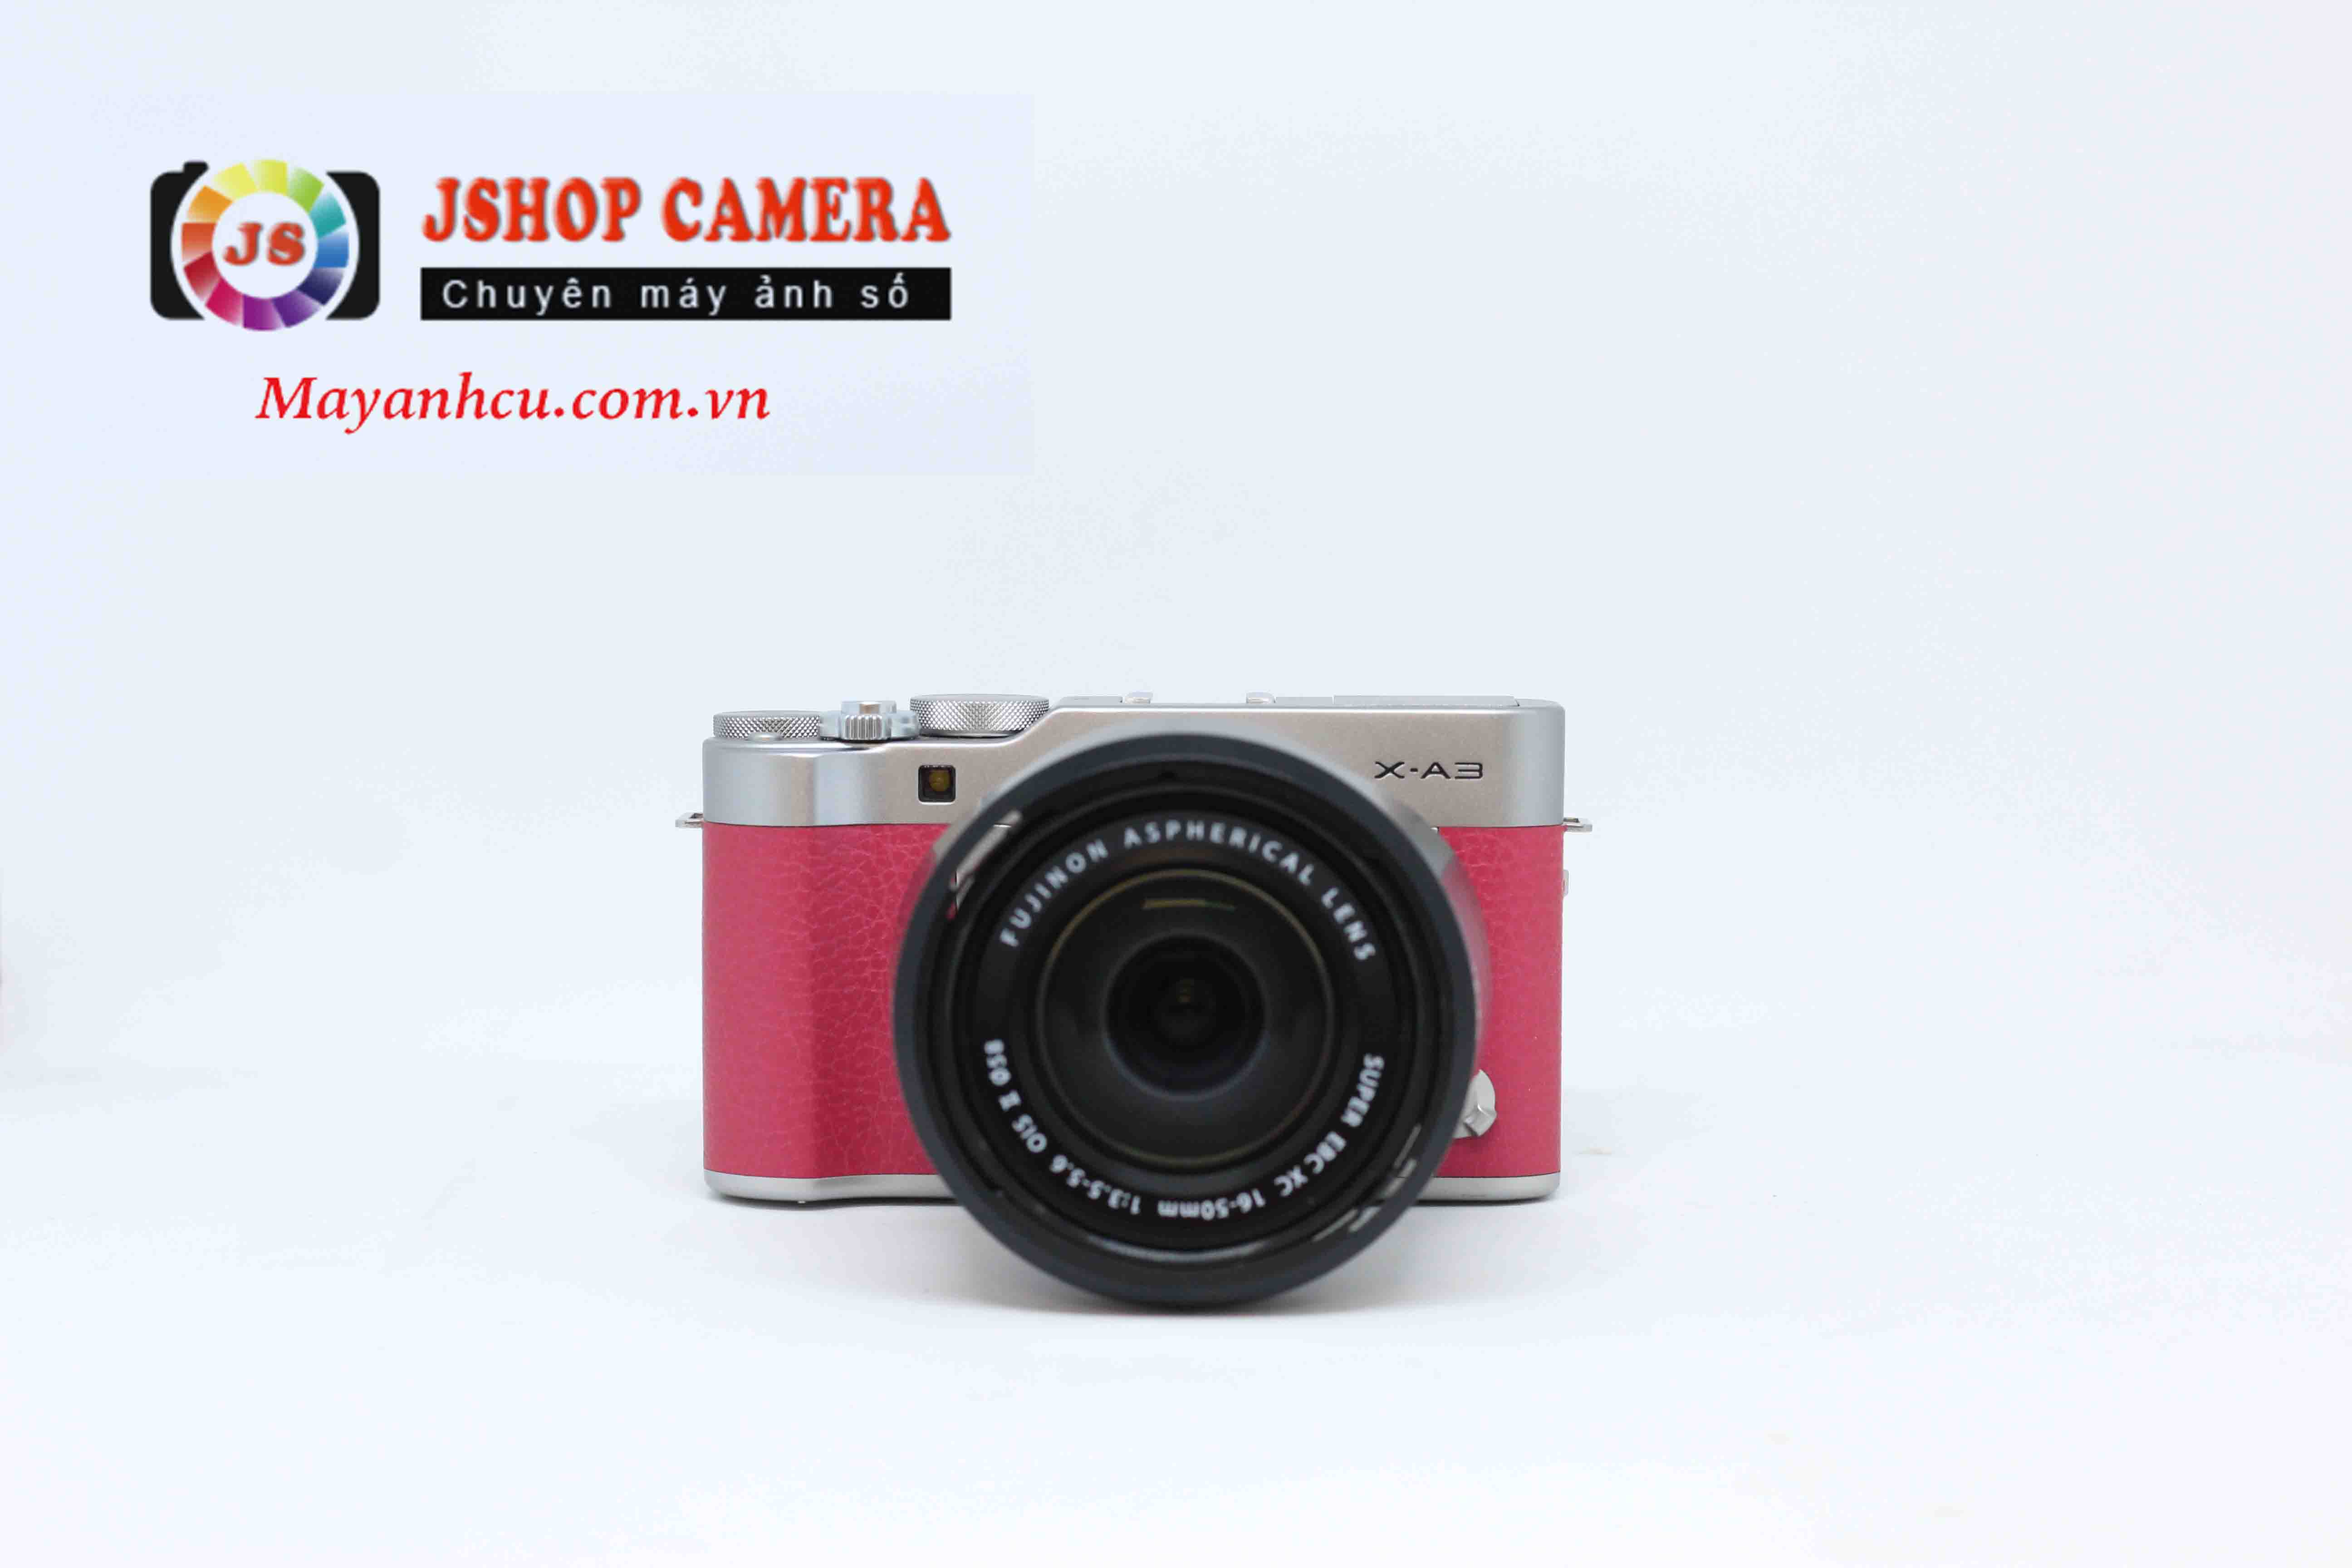 Máy ảnh Fujifilm X-A3 ống kính 16-50mm F/3.5-5.6 OIS